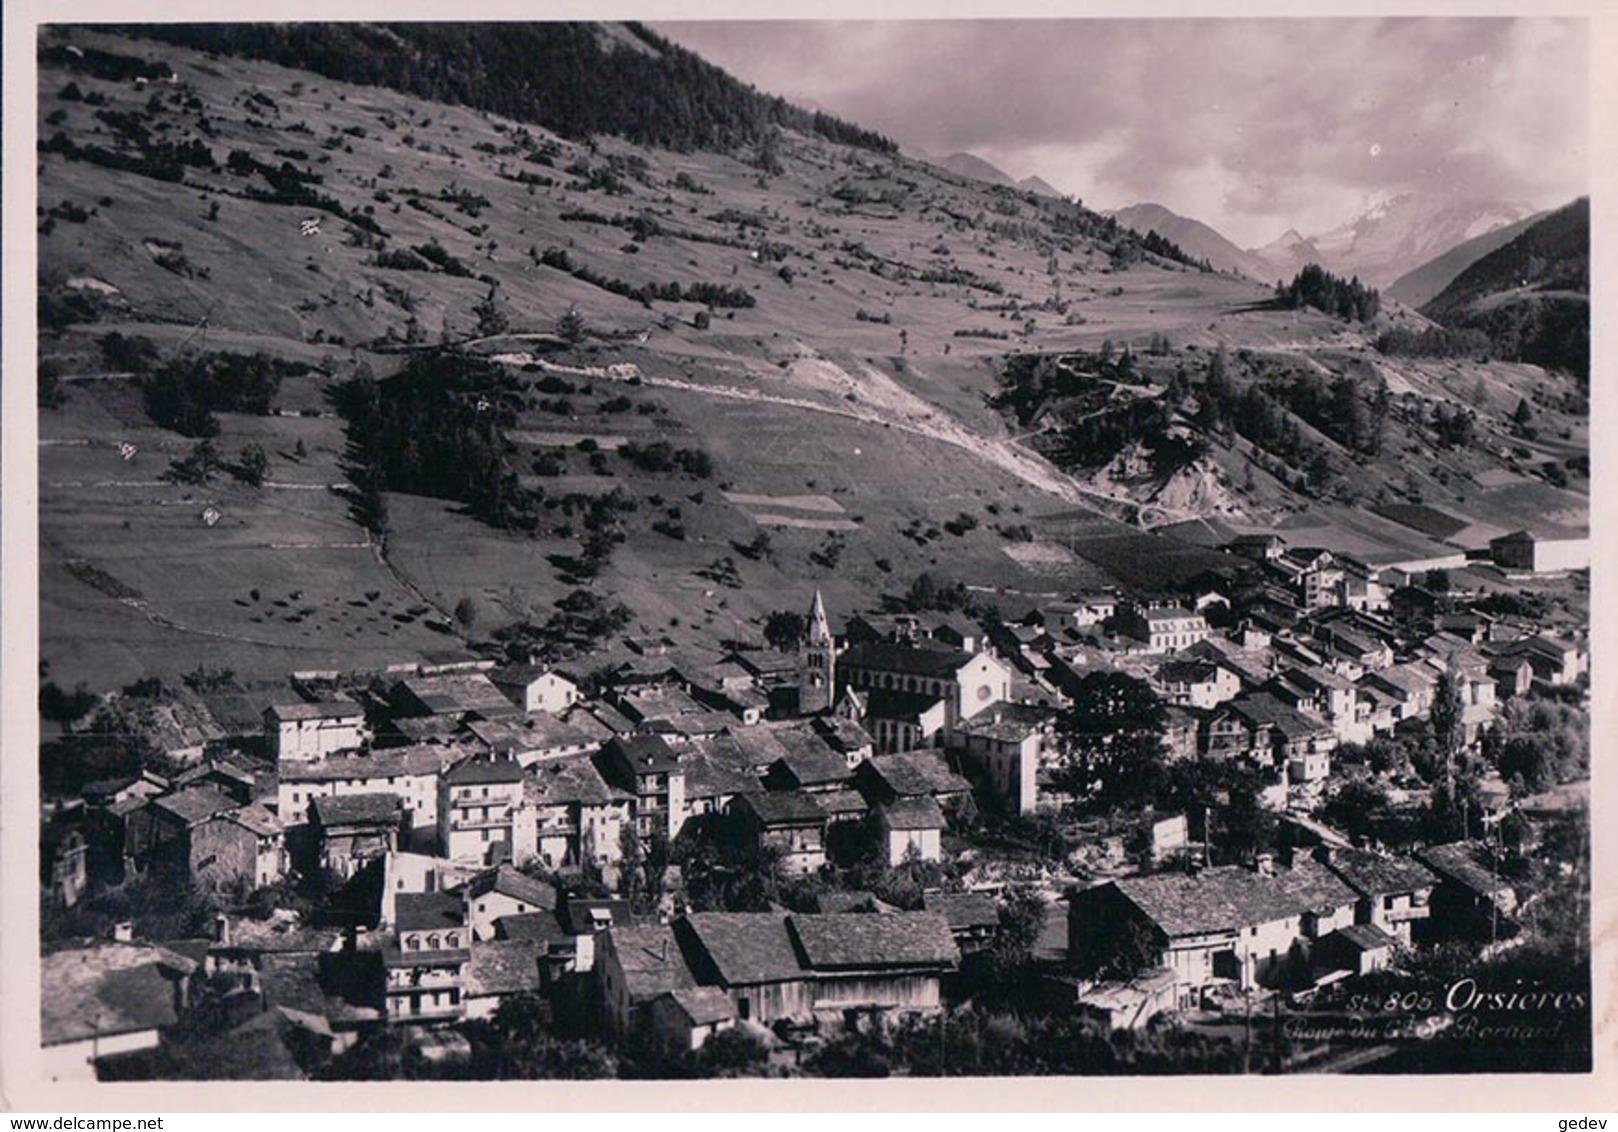 Orsières VS, Route Du St Bernard (805) 10x15 - VS Valais